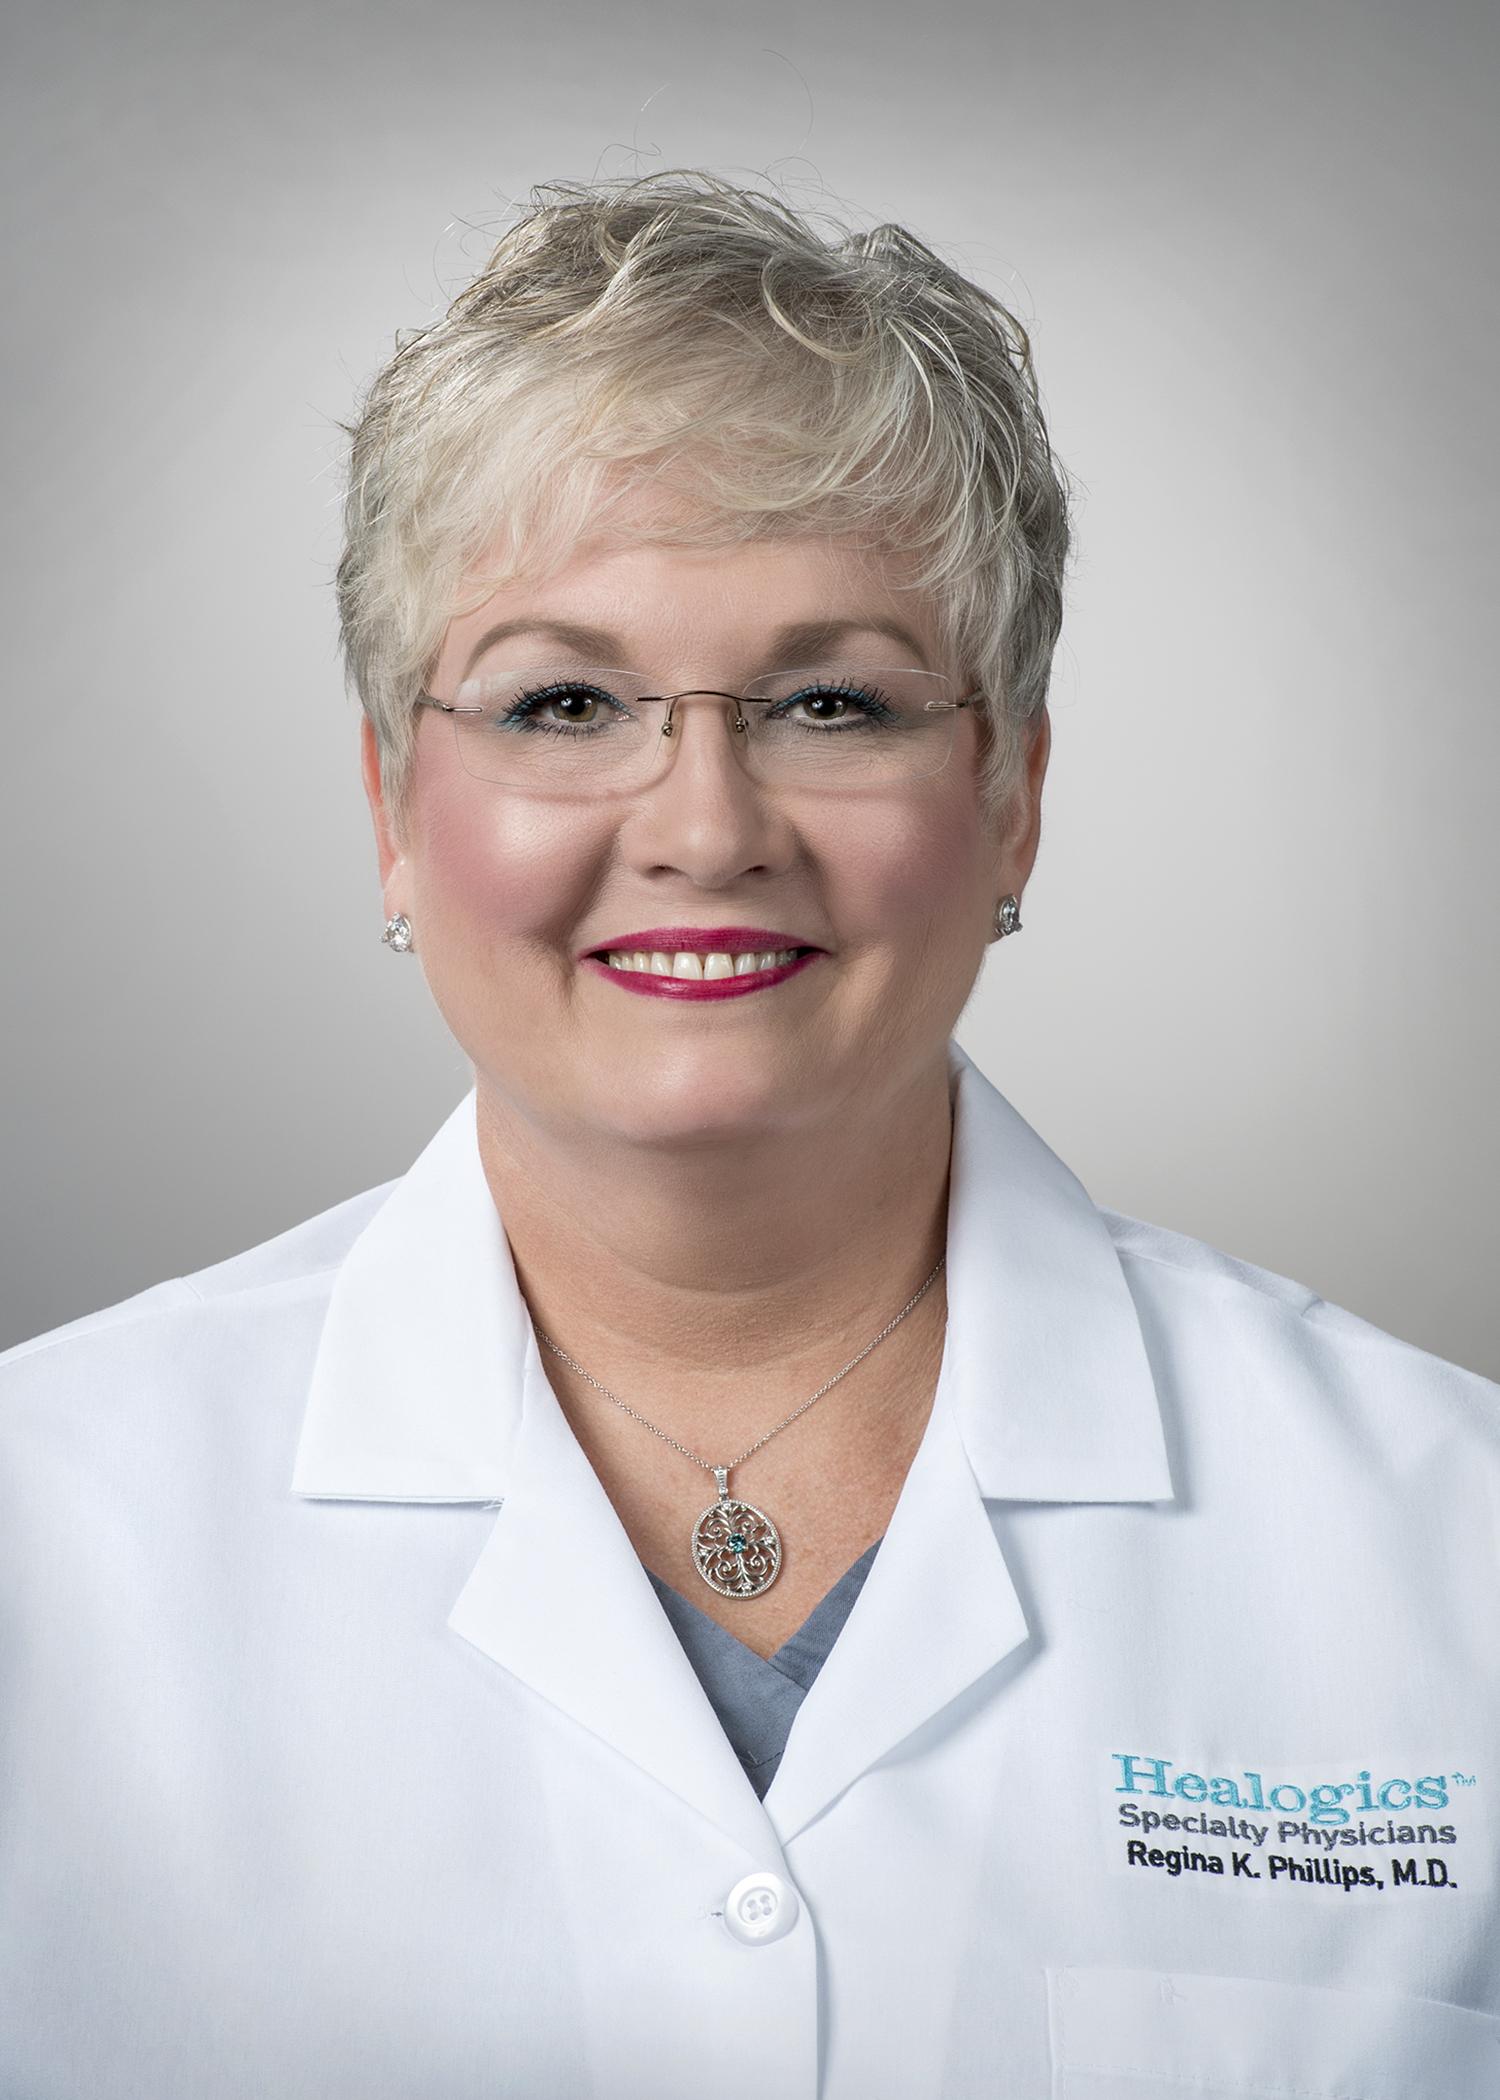 Regina K. Phillips, M.D.